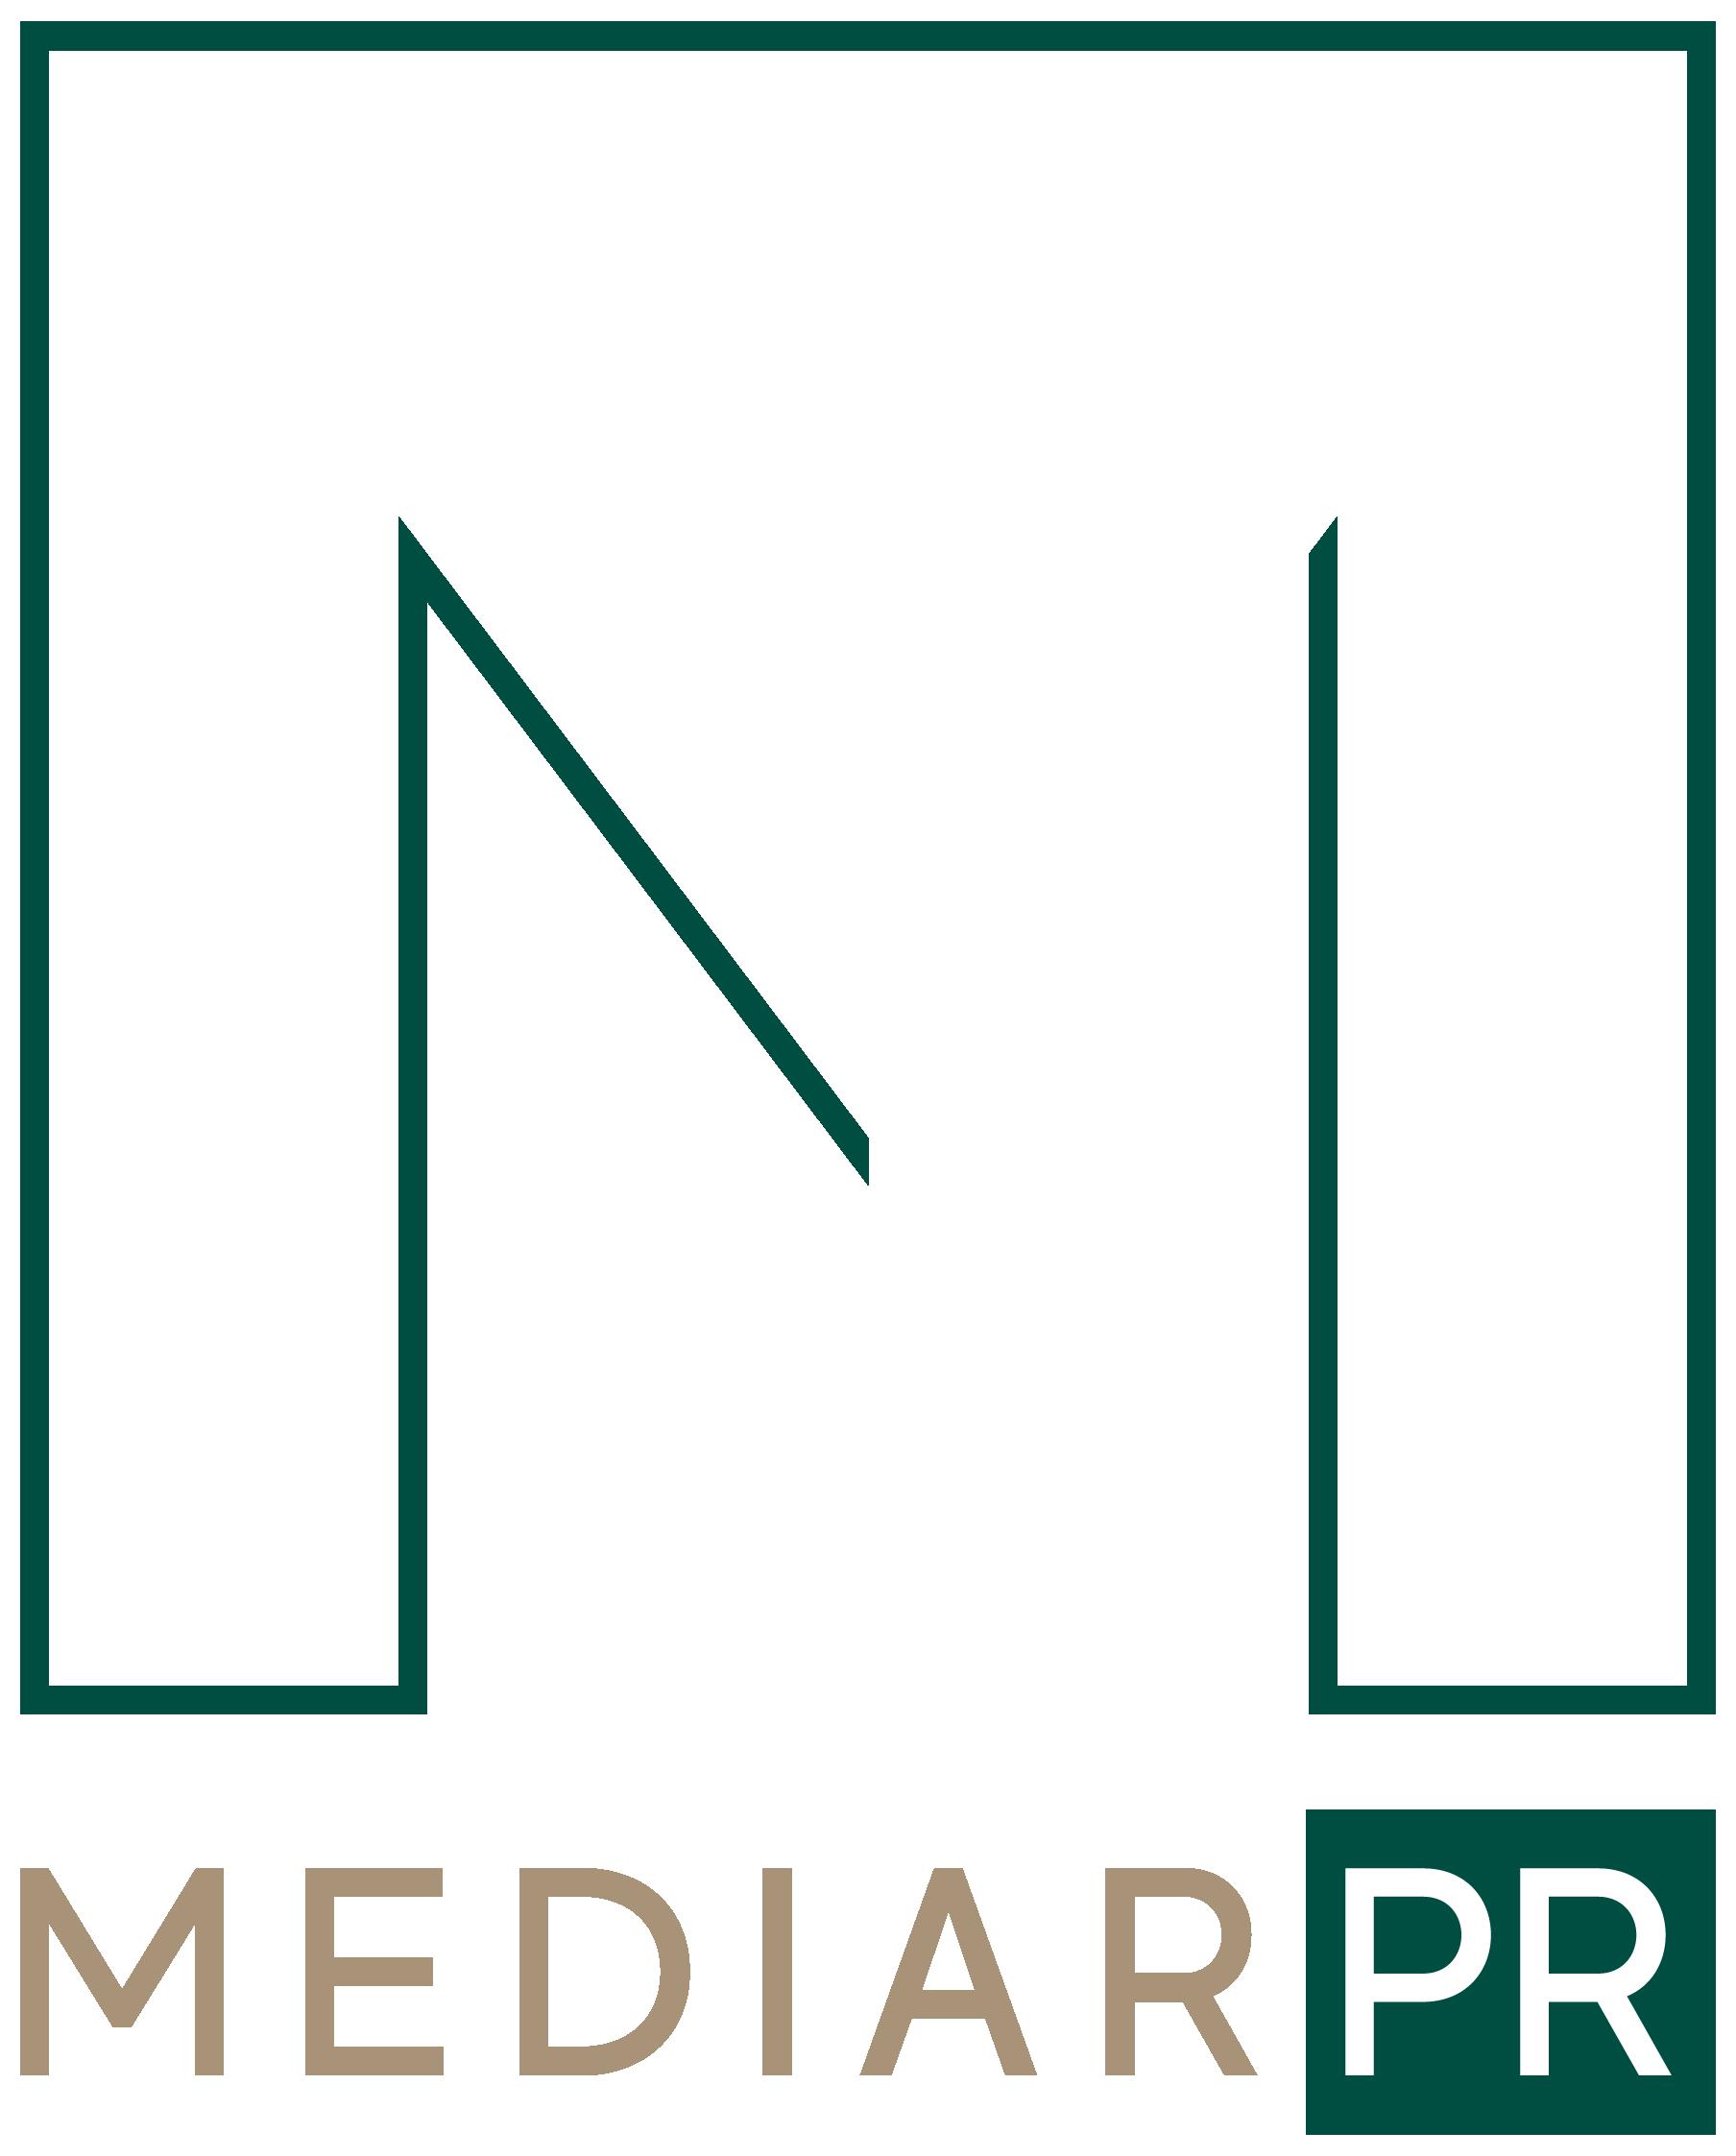 Mediar PR